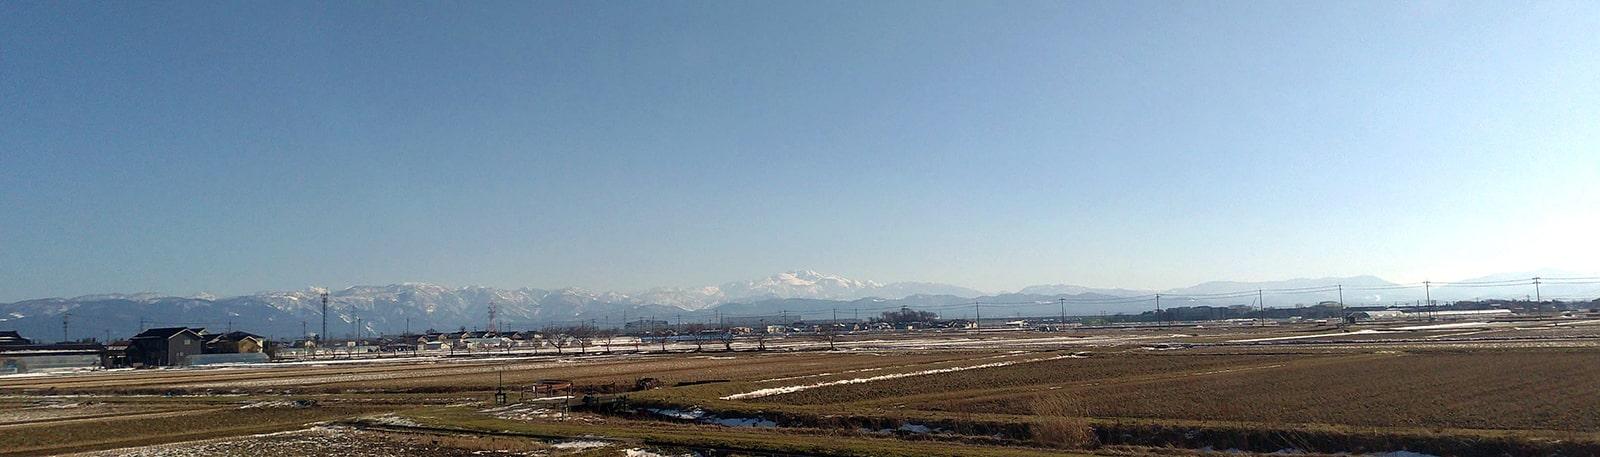 自然豊かな霊峰白山の風景